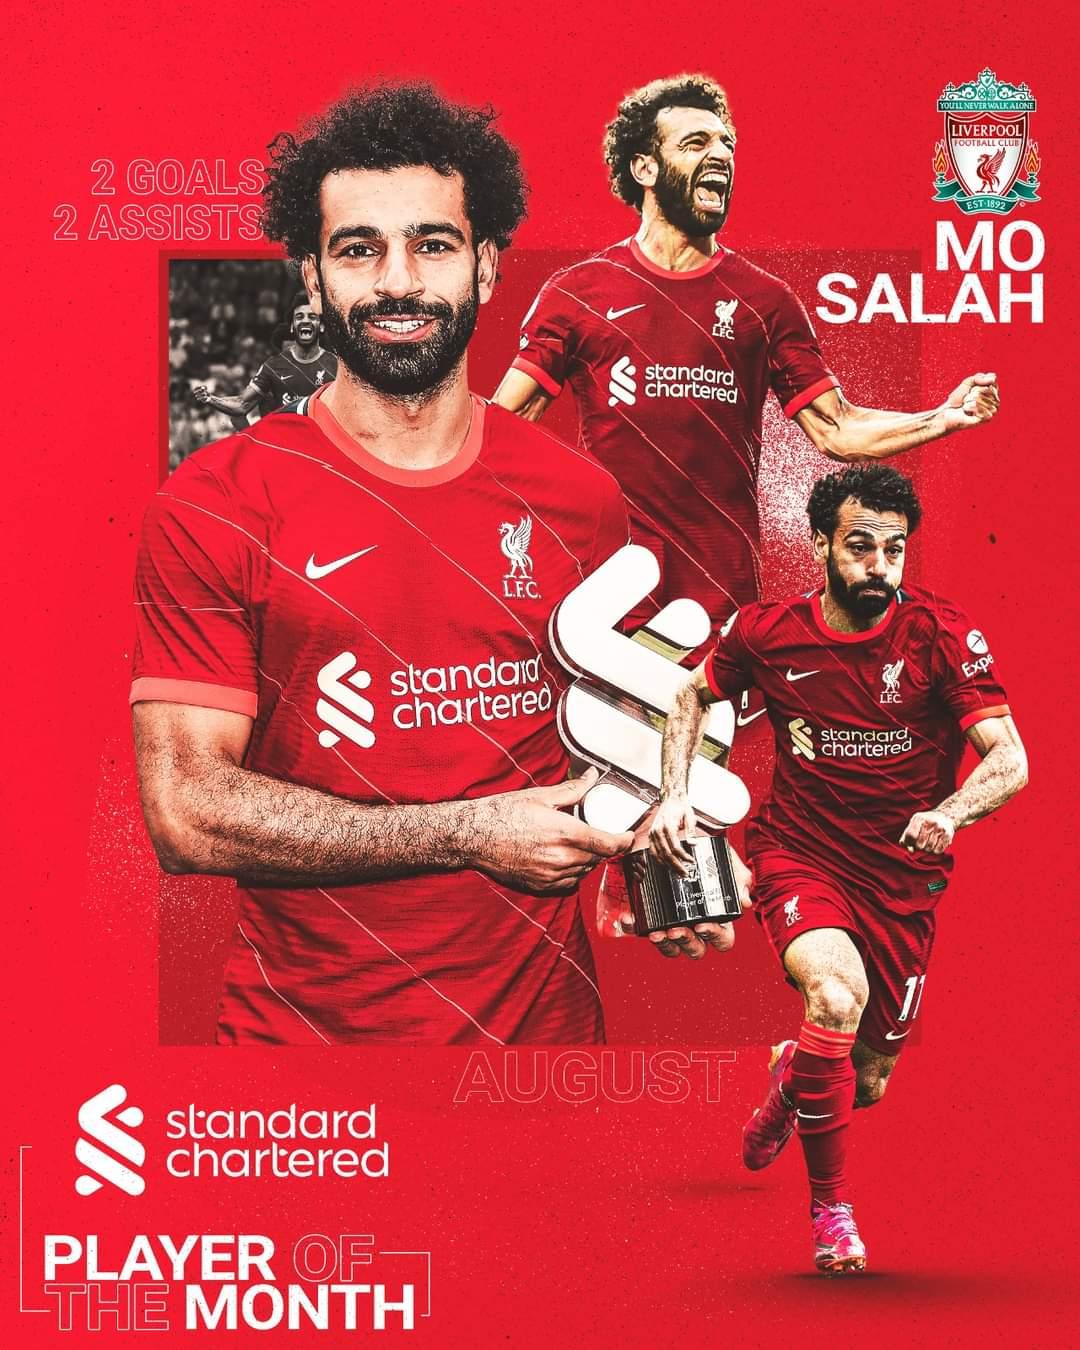 محمد صلاح يفوز بجائزة شهر أغسطس في ليفربول